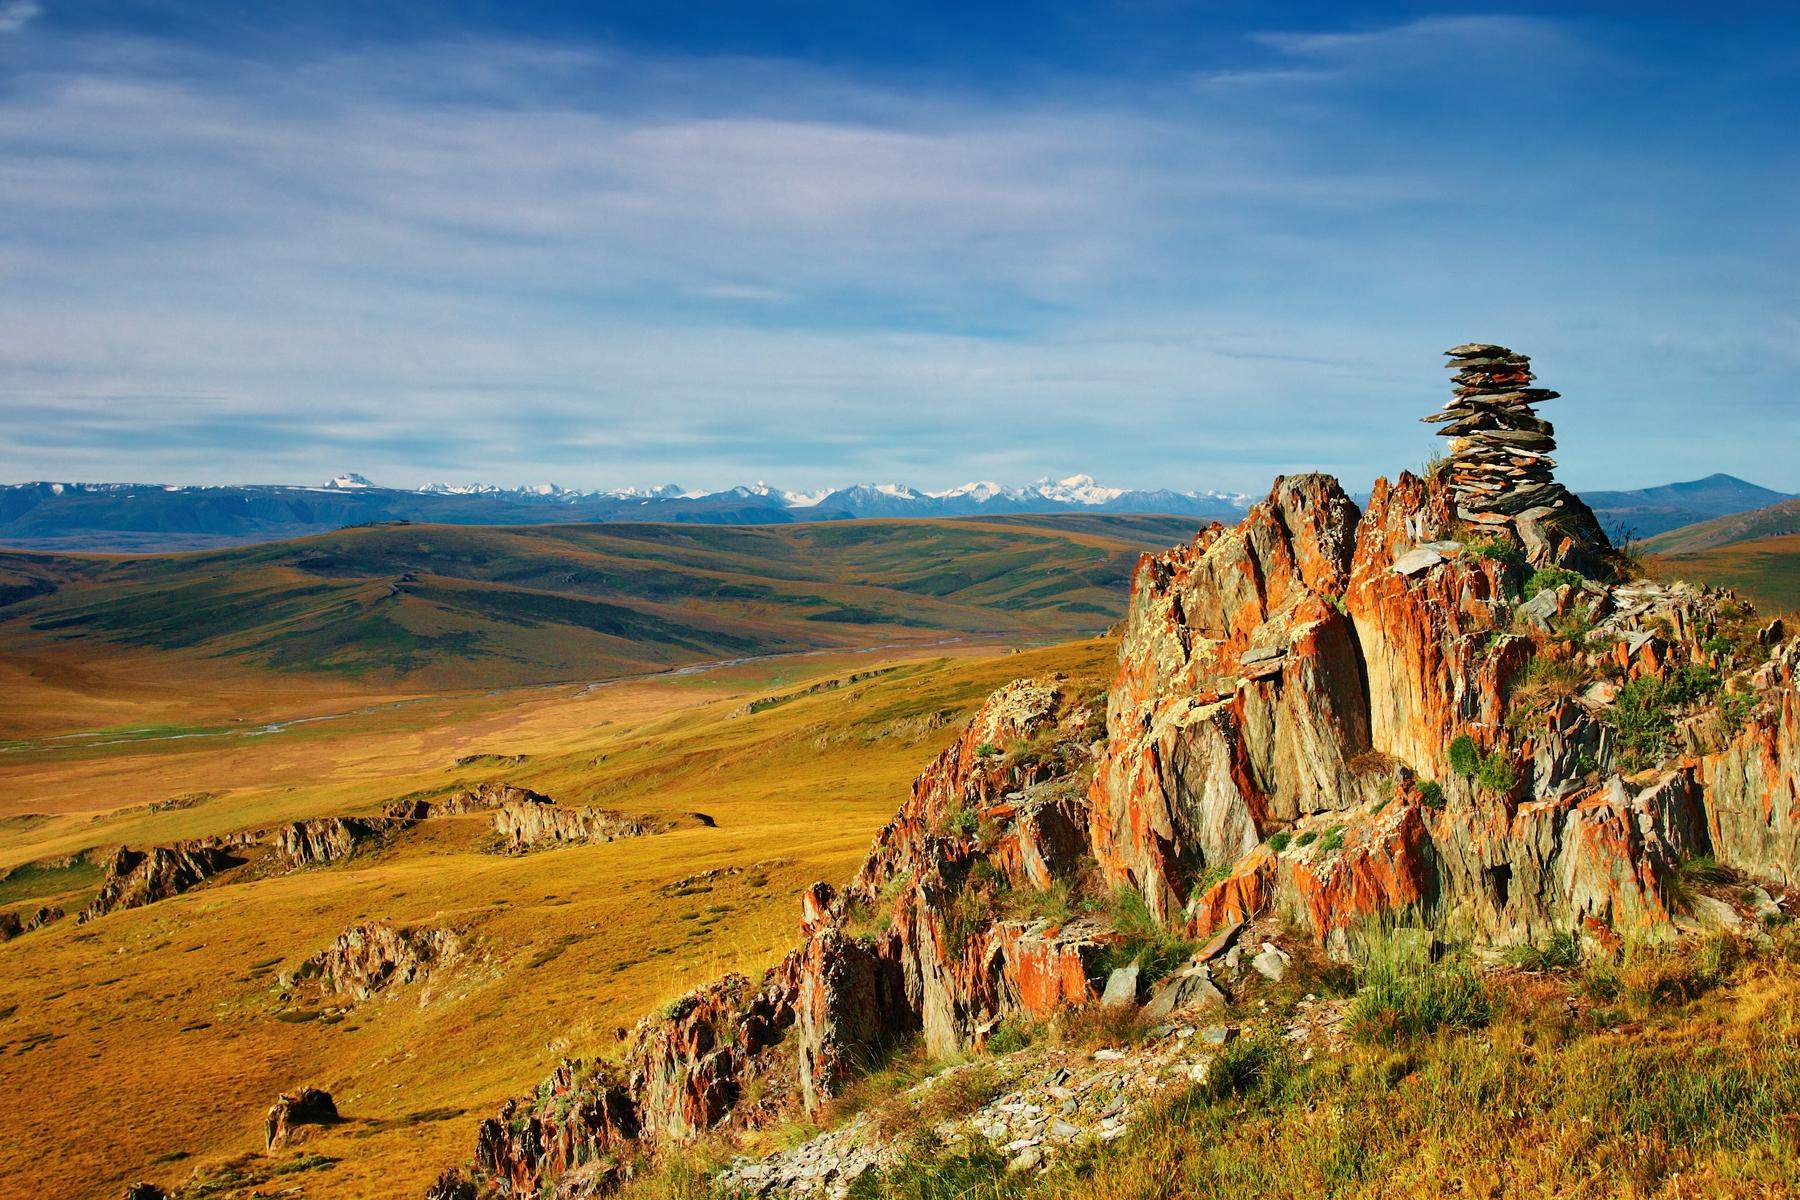 Пейзажи России. Плато Укок в Алтайском крае